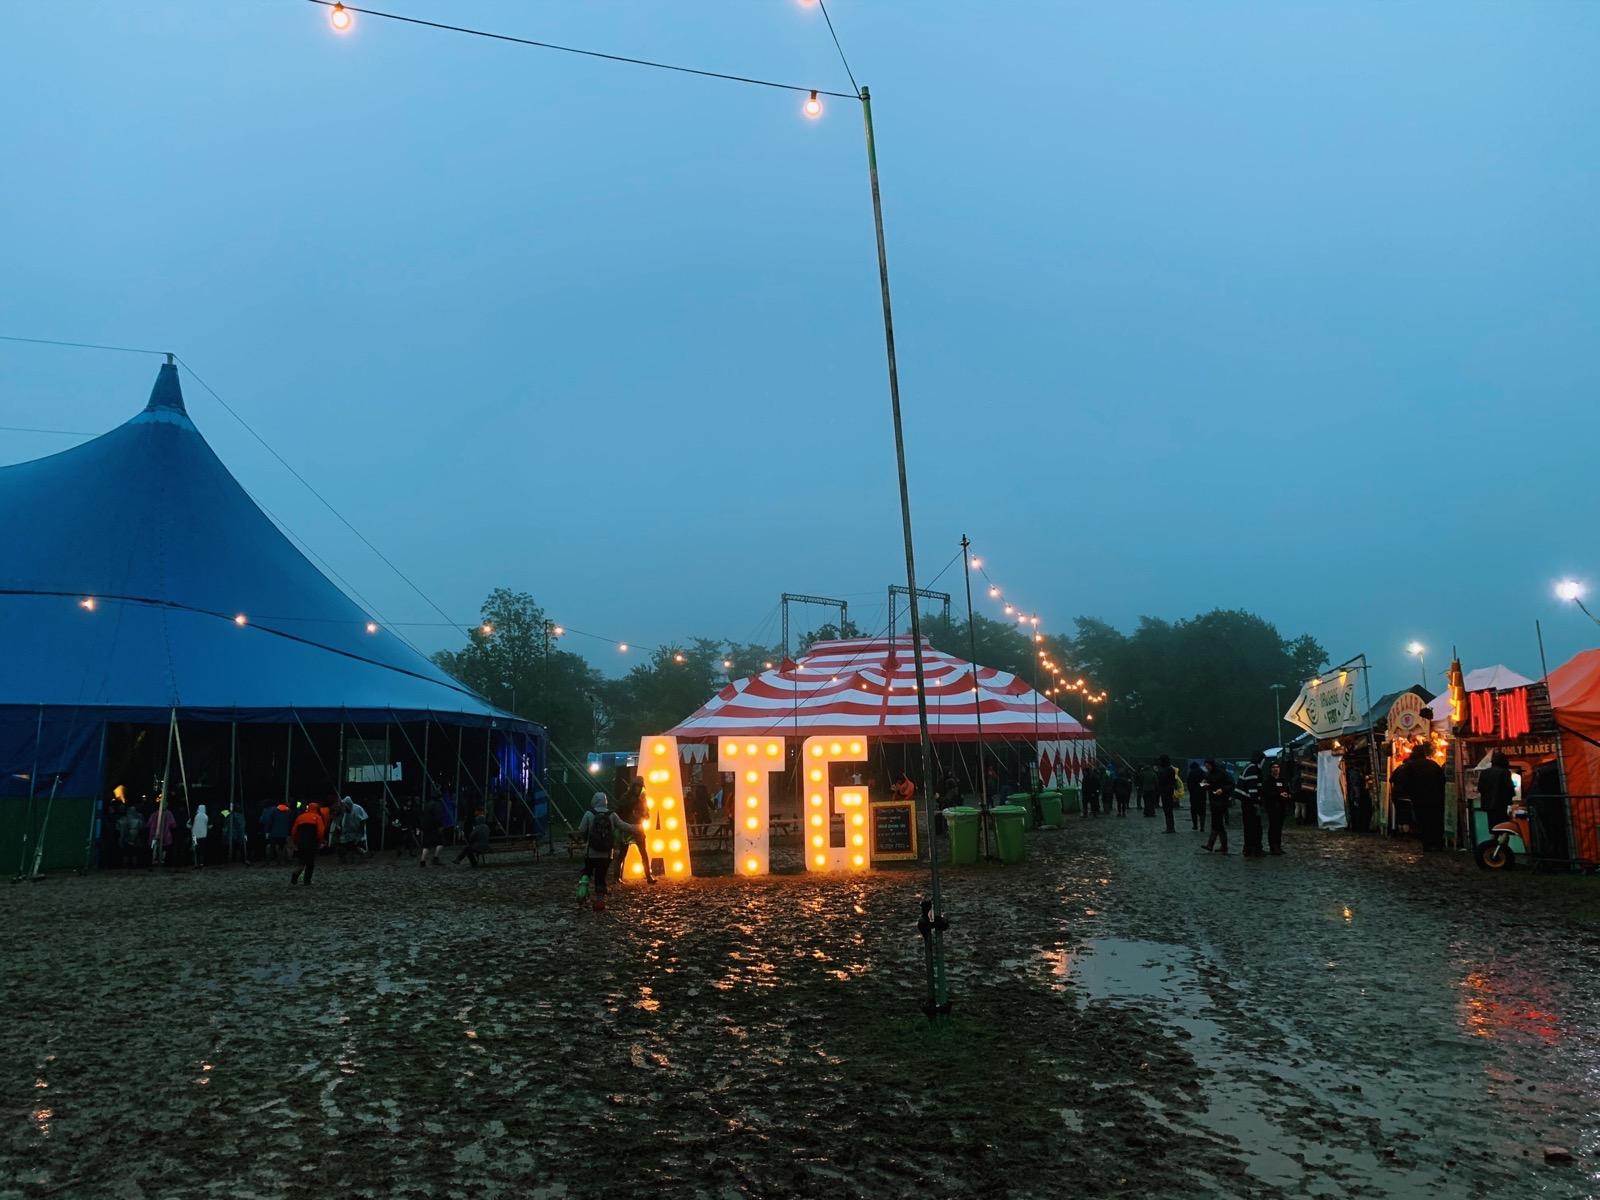 It rained a bit, ArcTangent 2019